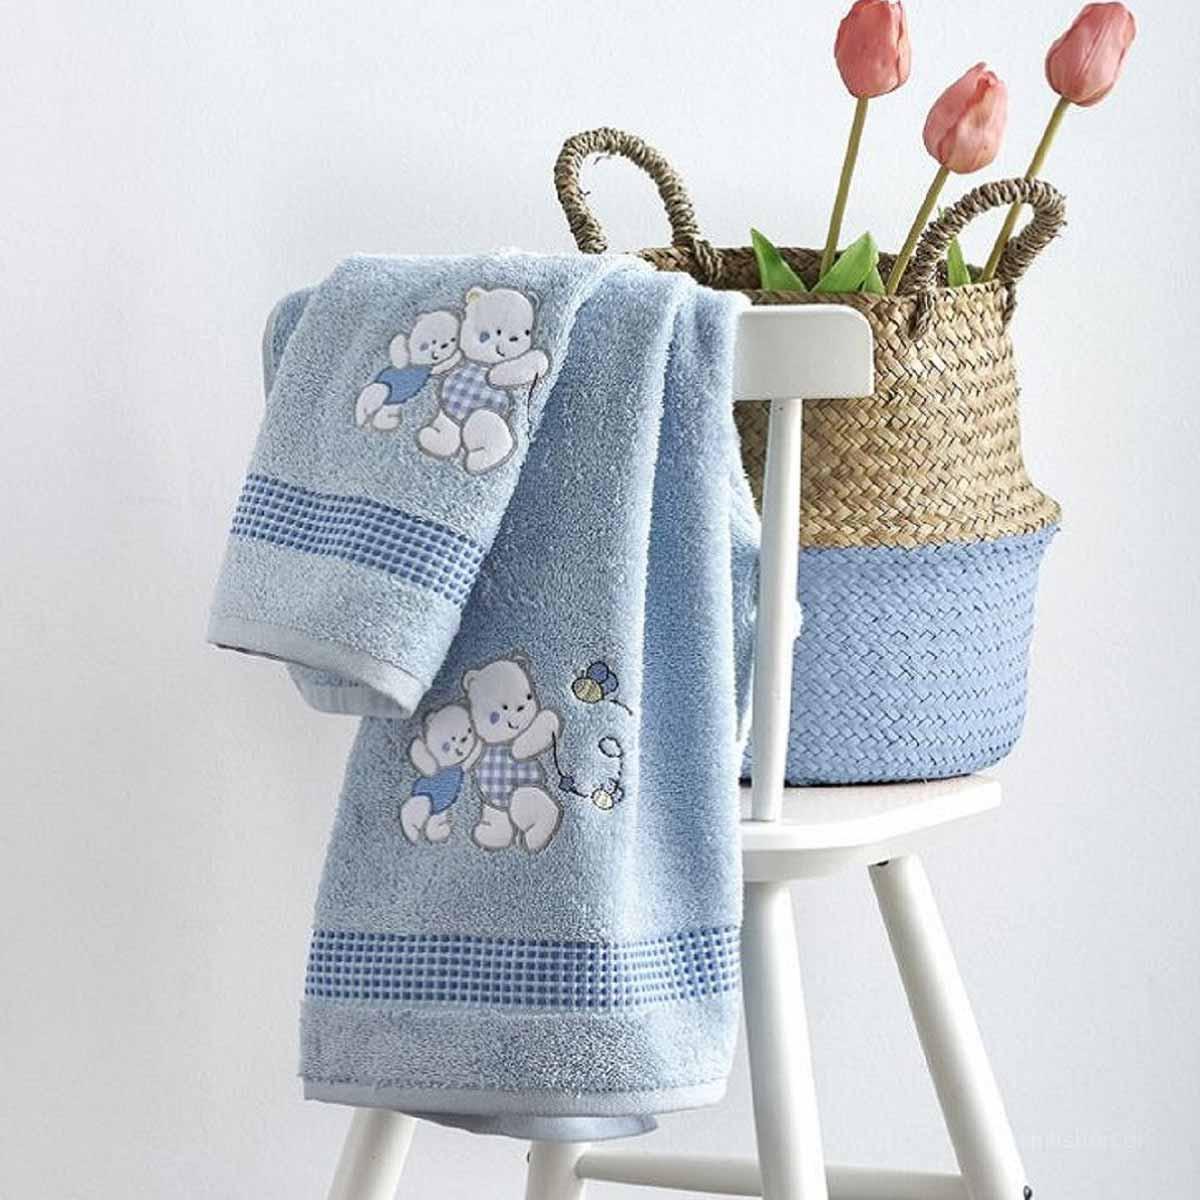 Βρεφικές Πετσέτες (Σετ 2τμχ) Sb Home Teddy Bear Blue